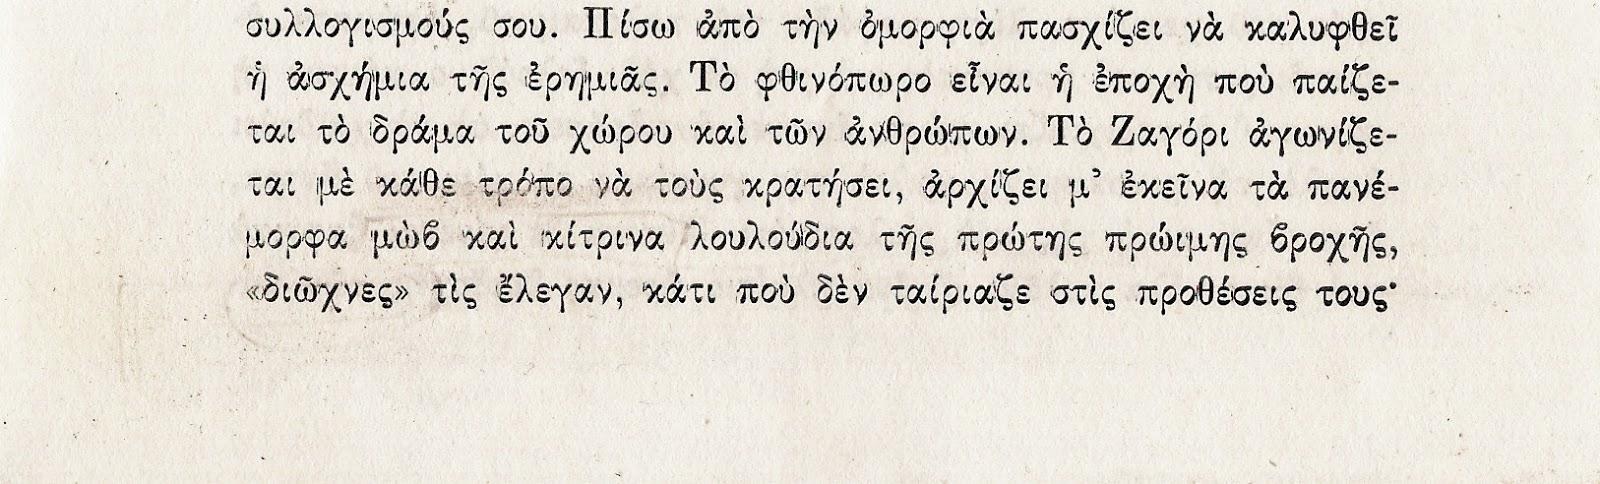 Corfu Blues and Global Views: Mirologia (Greek songs of